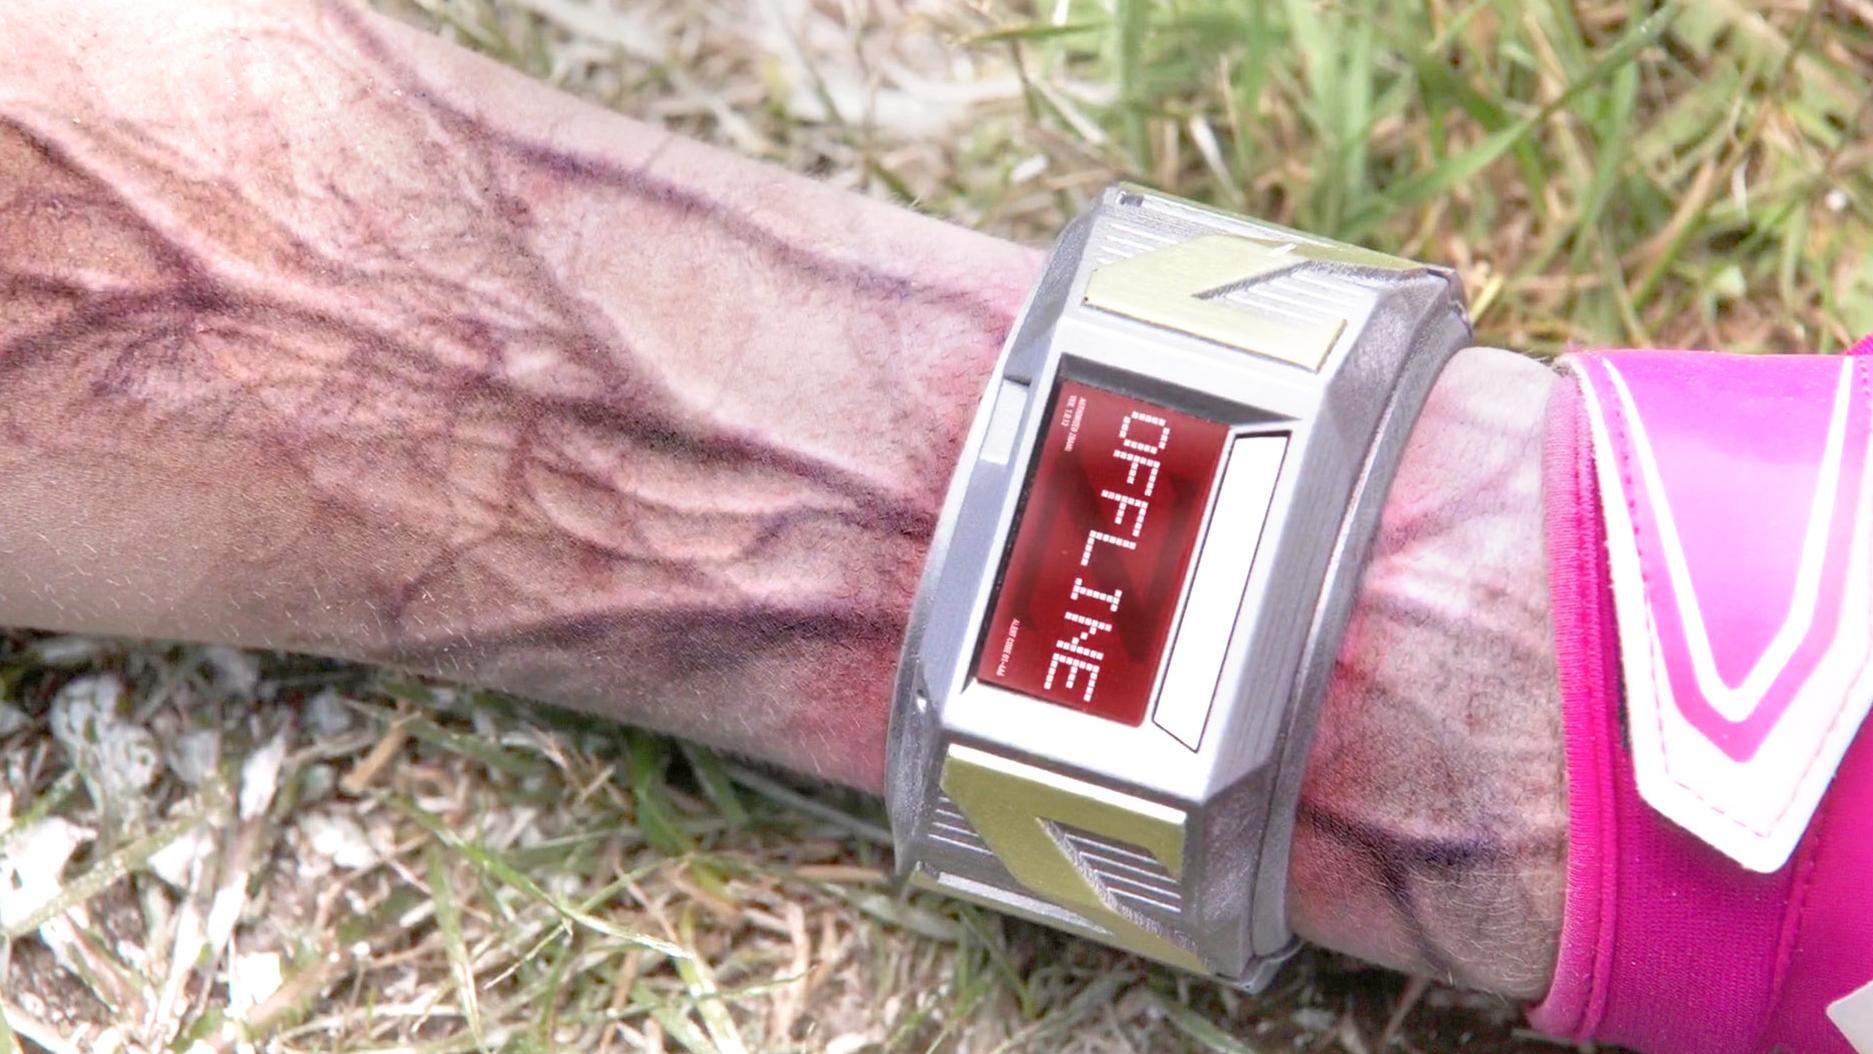 人类给丧尸带上手环,只要往右滑,就会发生惊人的变化!速看科幻喜剧电影《僵尸高校》